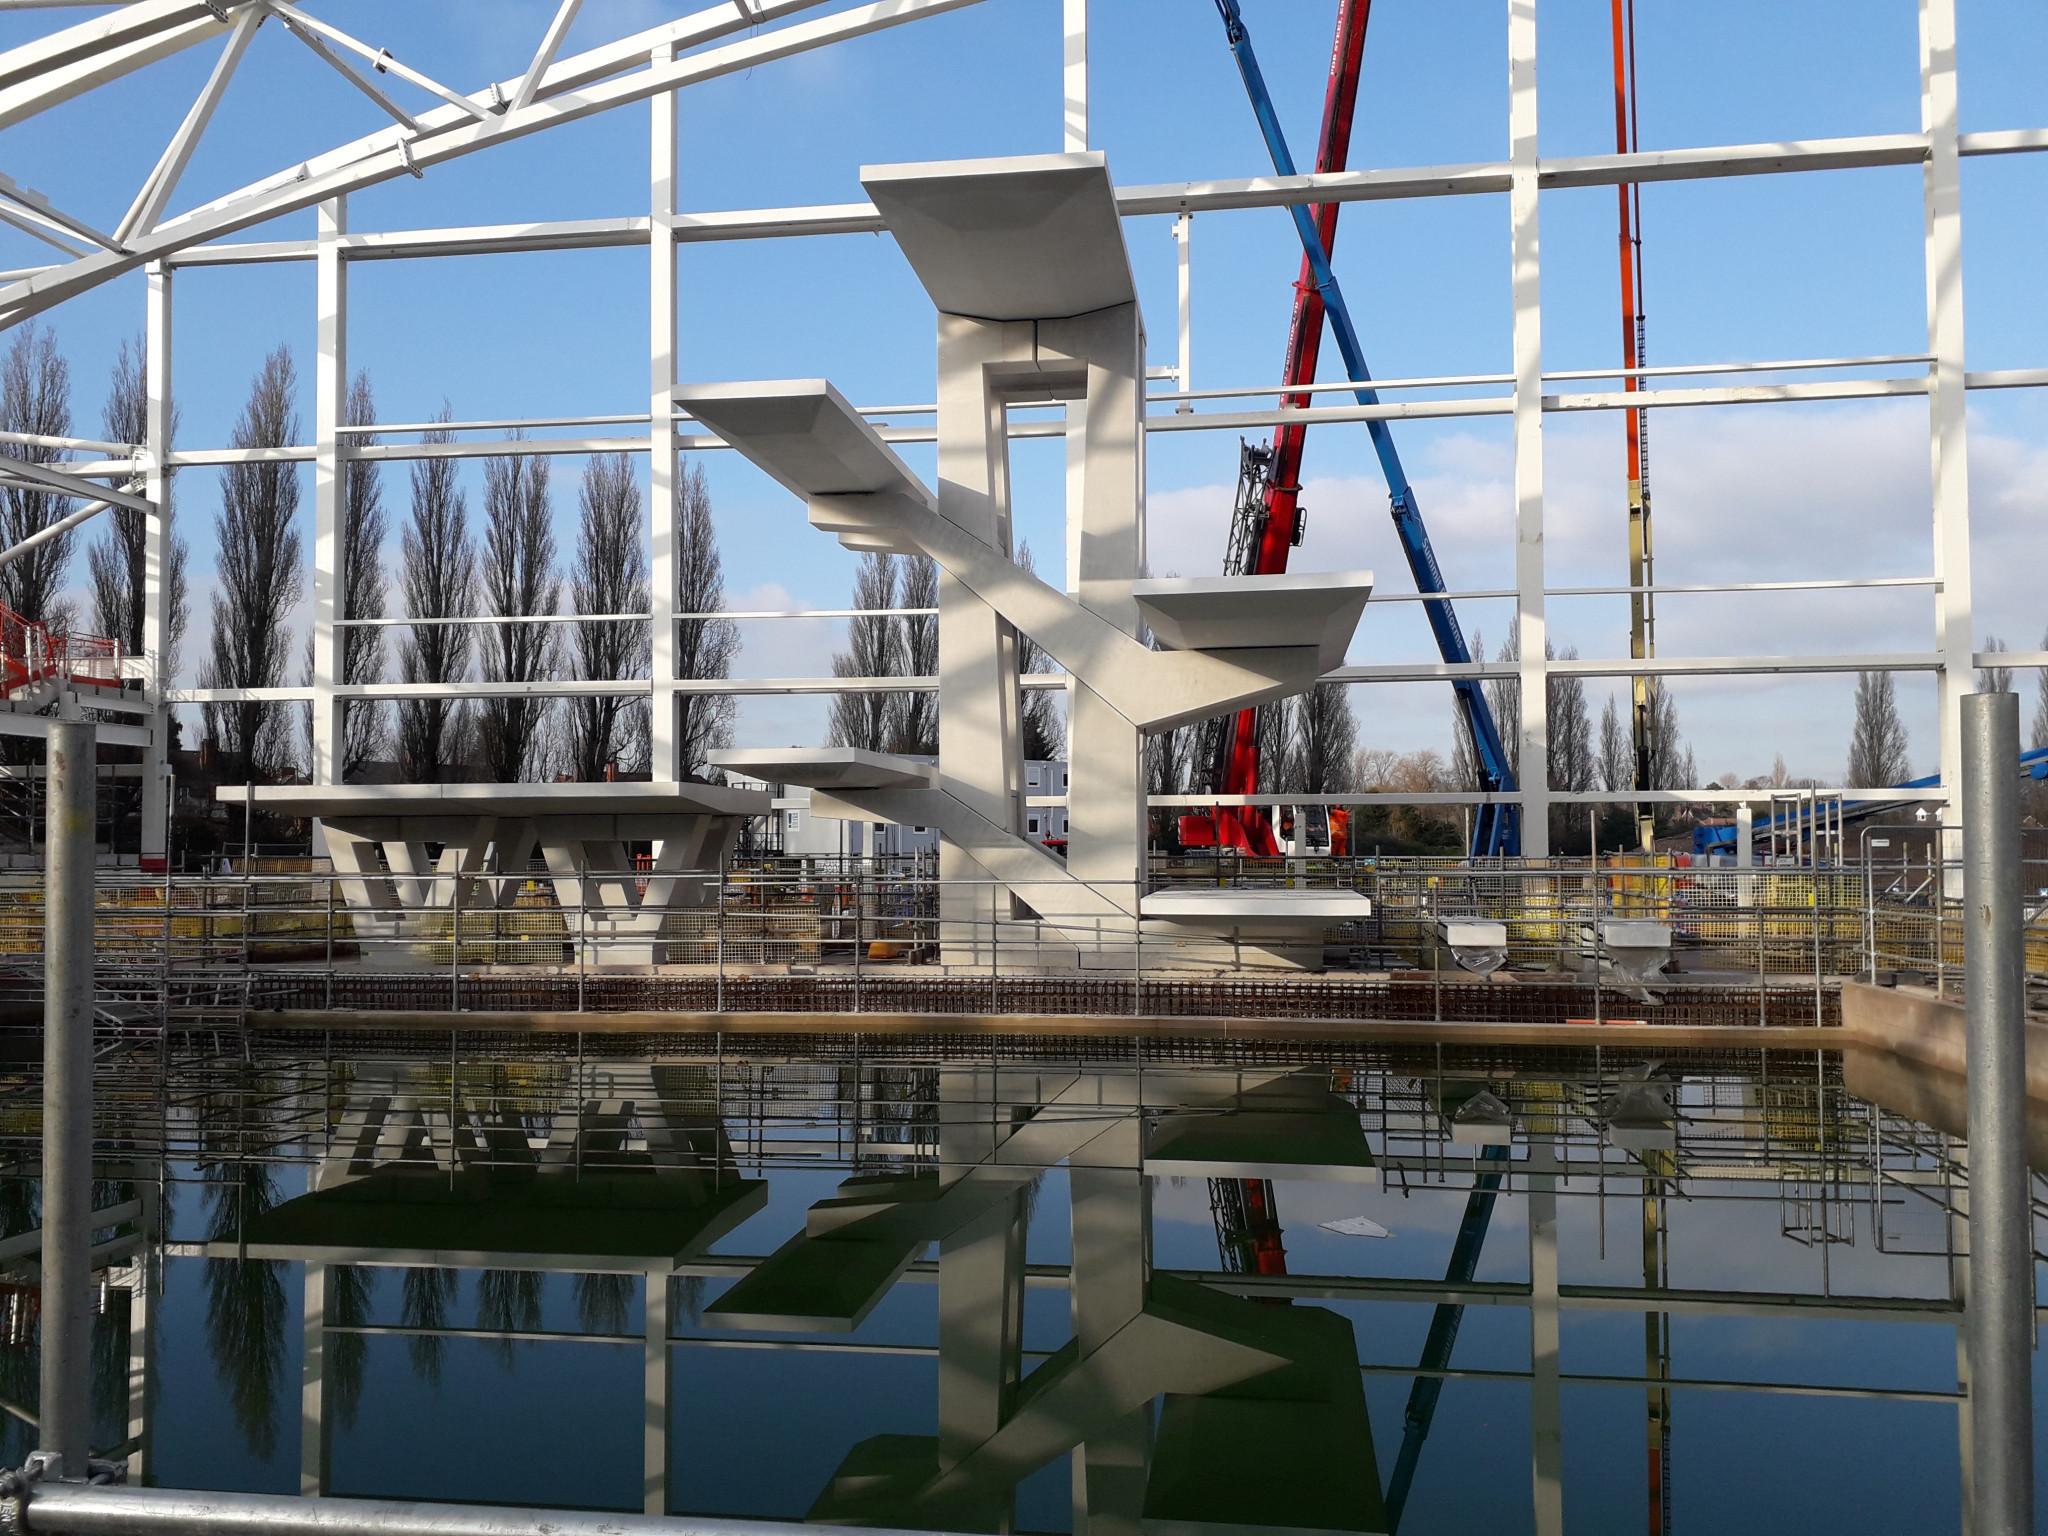 Diving tower completed at Birmingham 2022 aquatics venue